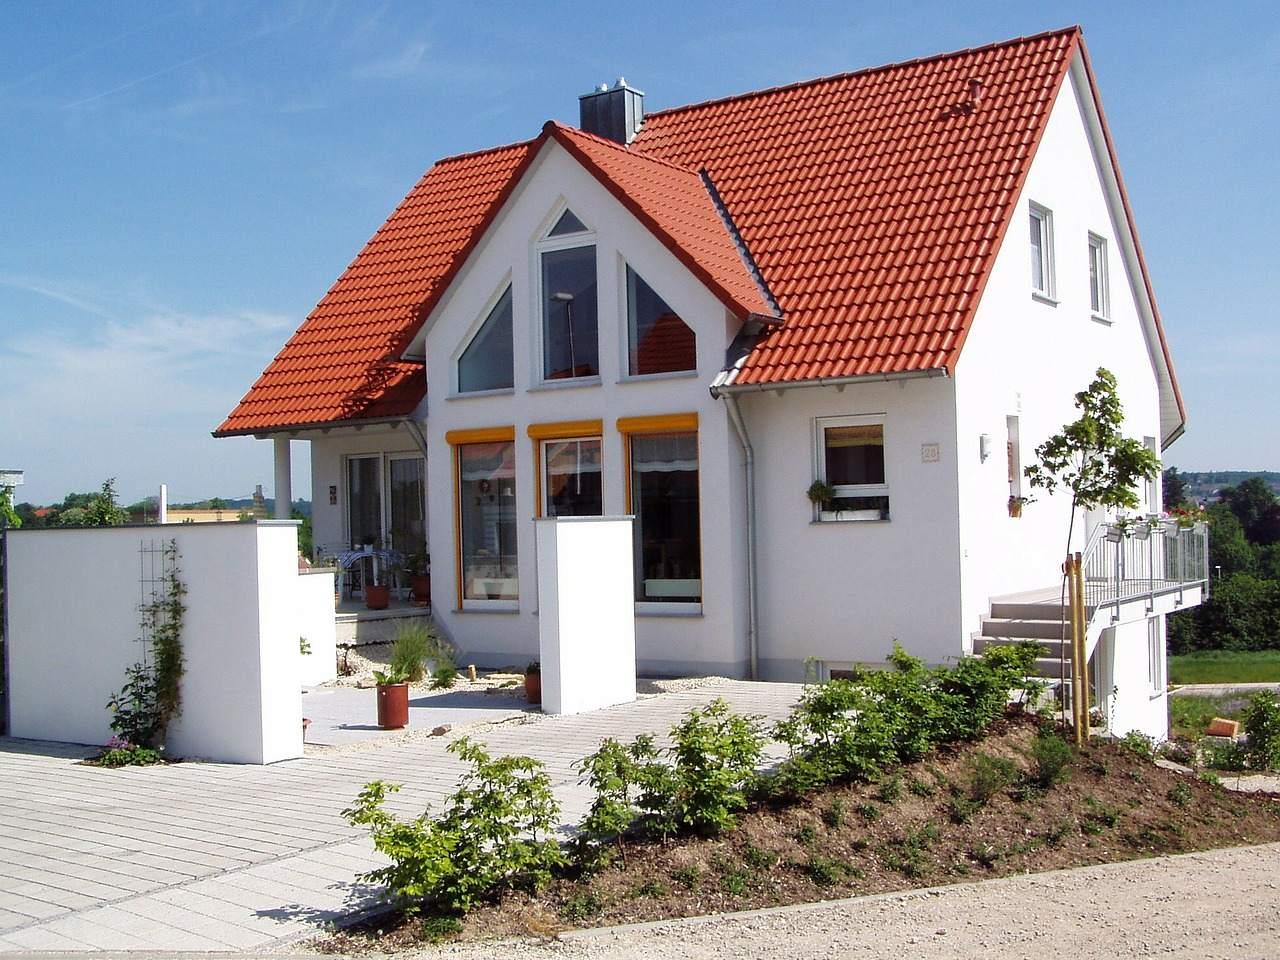 Boom bei Immobilien -Beispielbild für Einfamilienhaus